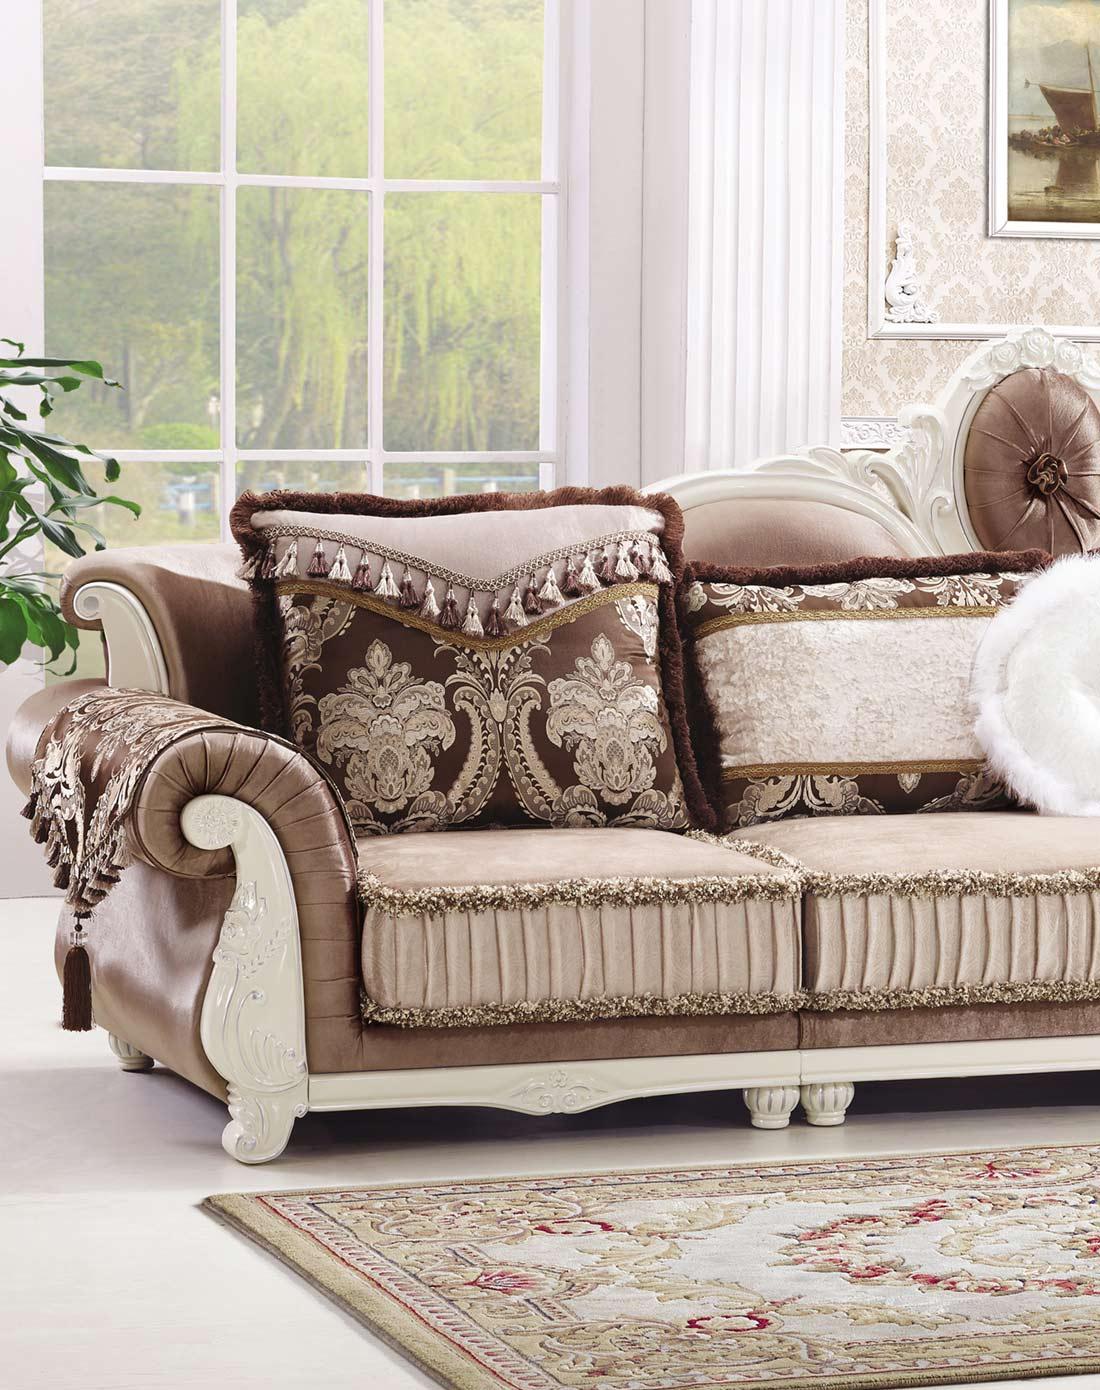 凯哲家具专场欧式转角实木雕花沙发组合+b款茶几k